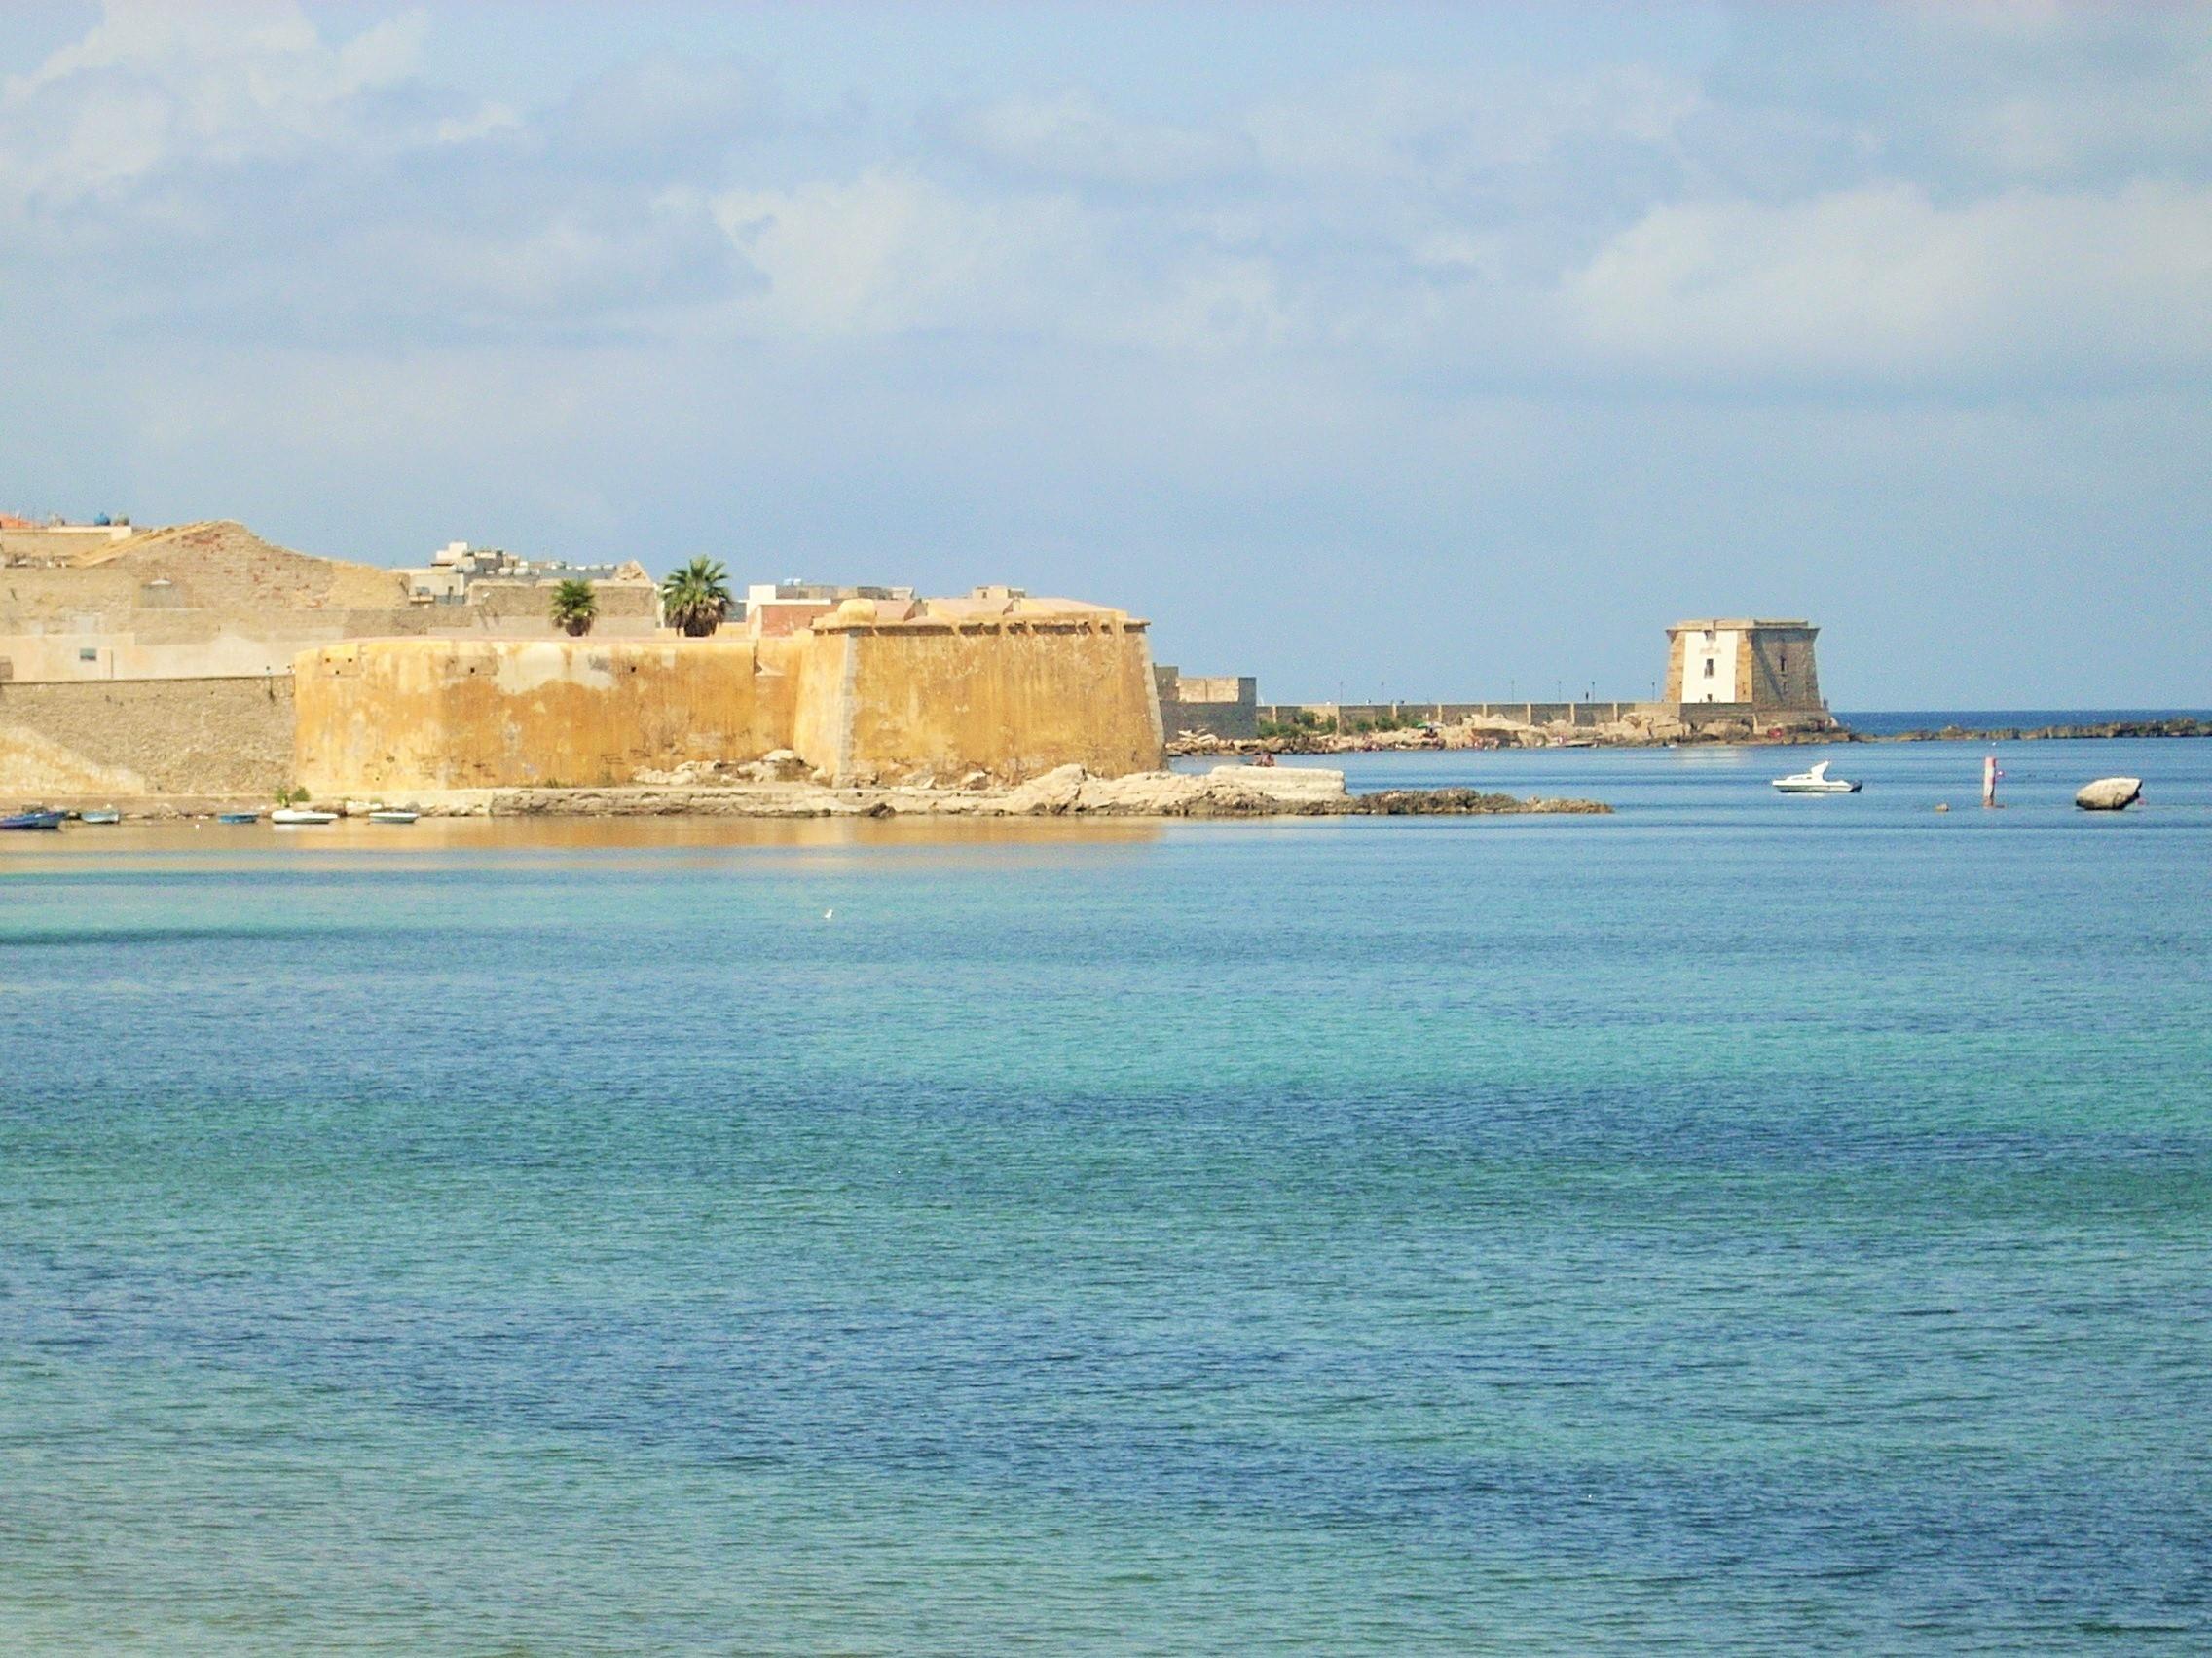 fortificazioni-trapani-bastione-conca-mura-di-tramontana